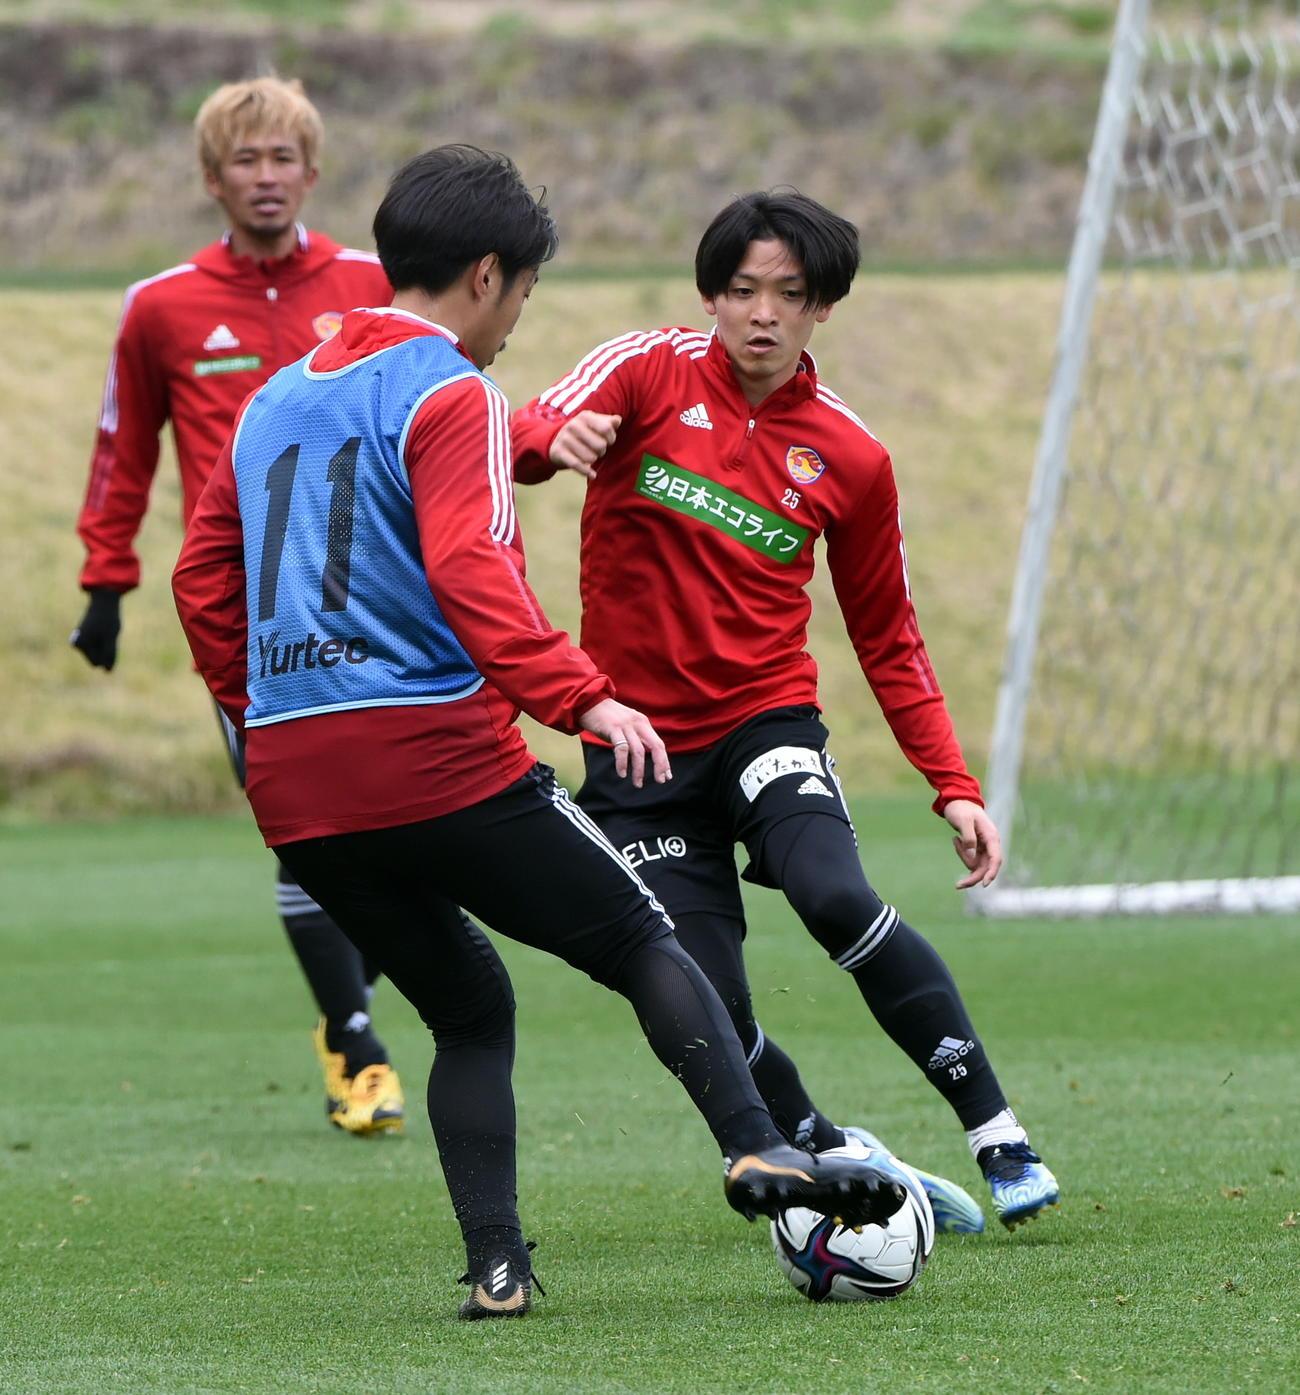 仙台MF富田(中央)がキープするボールを奪いにいくDF真瀬。左はDF平岡